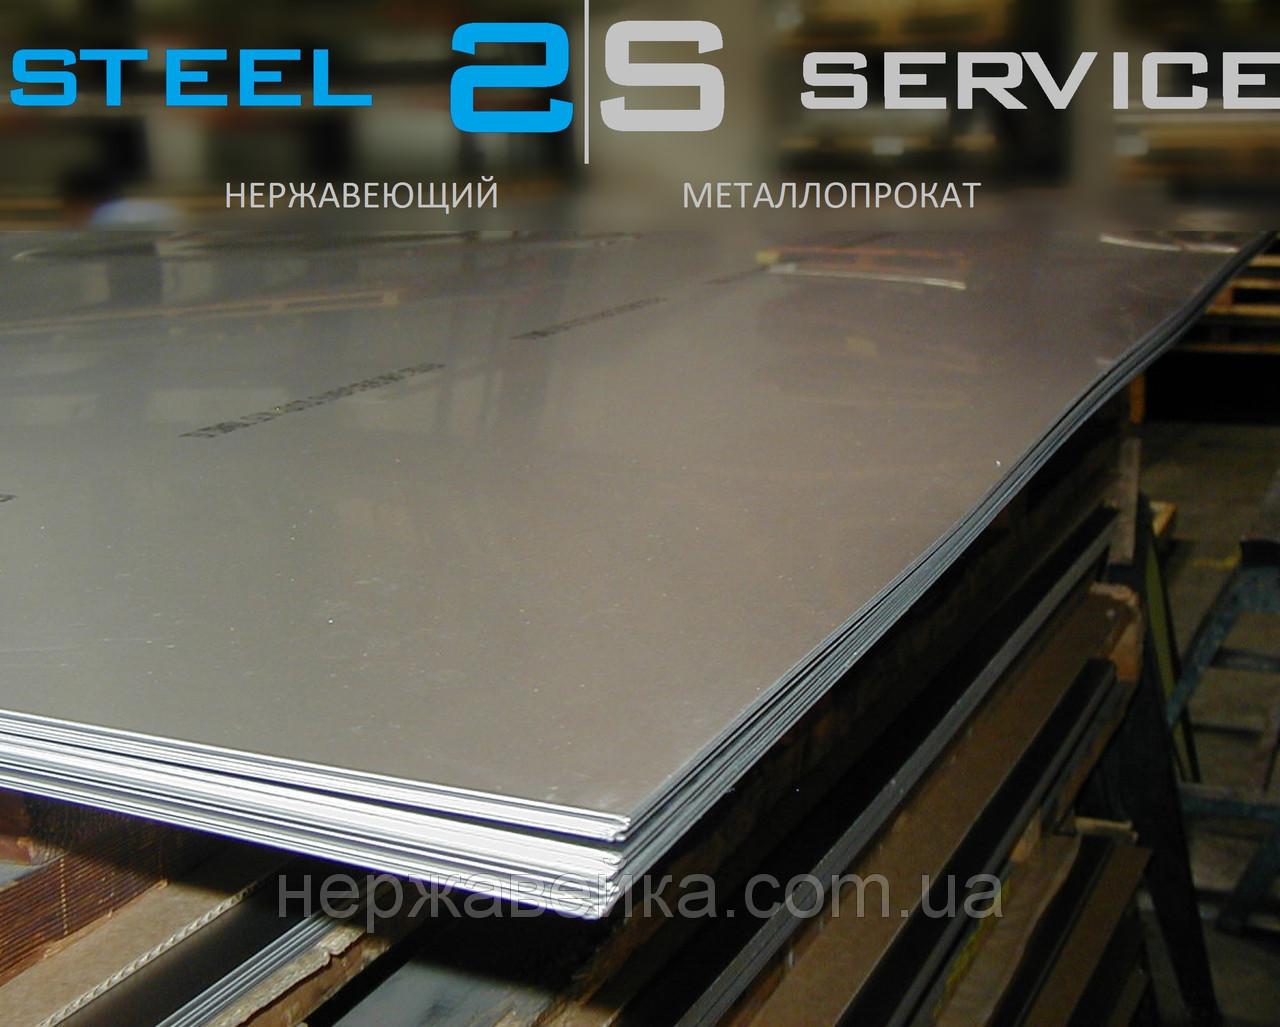 Нержавеющий лист 6х1500х6000мм AISI 304(08Х18Н10) F1 - горячекатанный,  пищевой